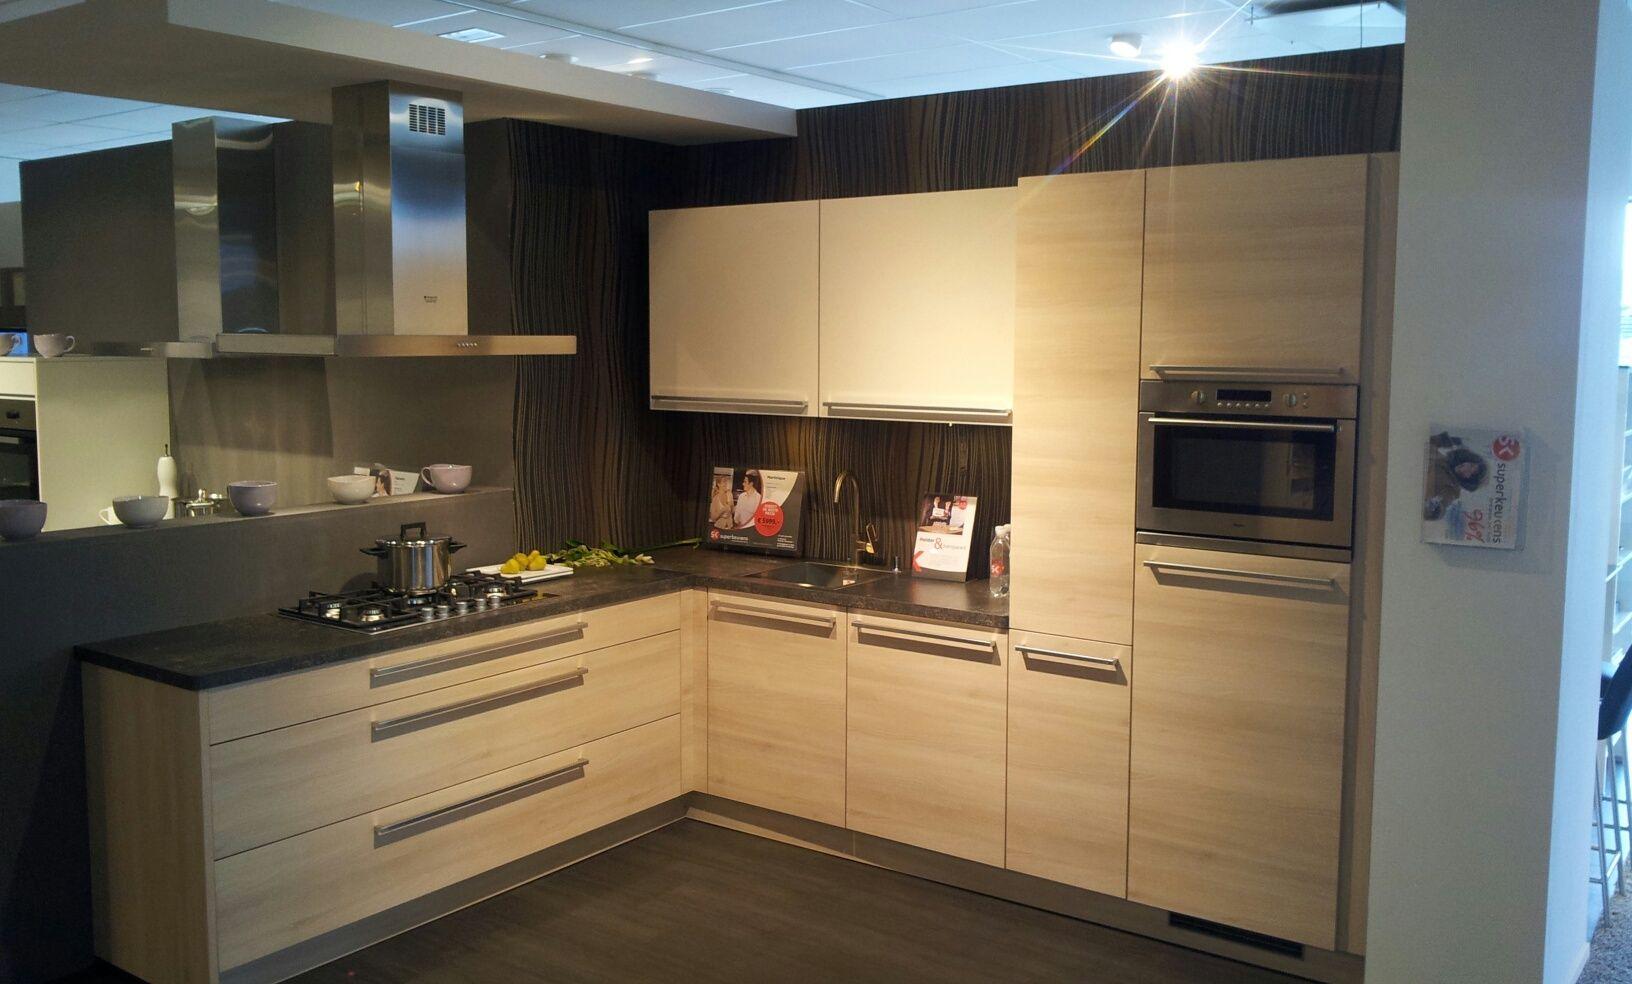 keukenprijs altijd de beste keukenprijs hoek keuken martinique 53035